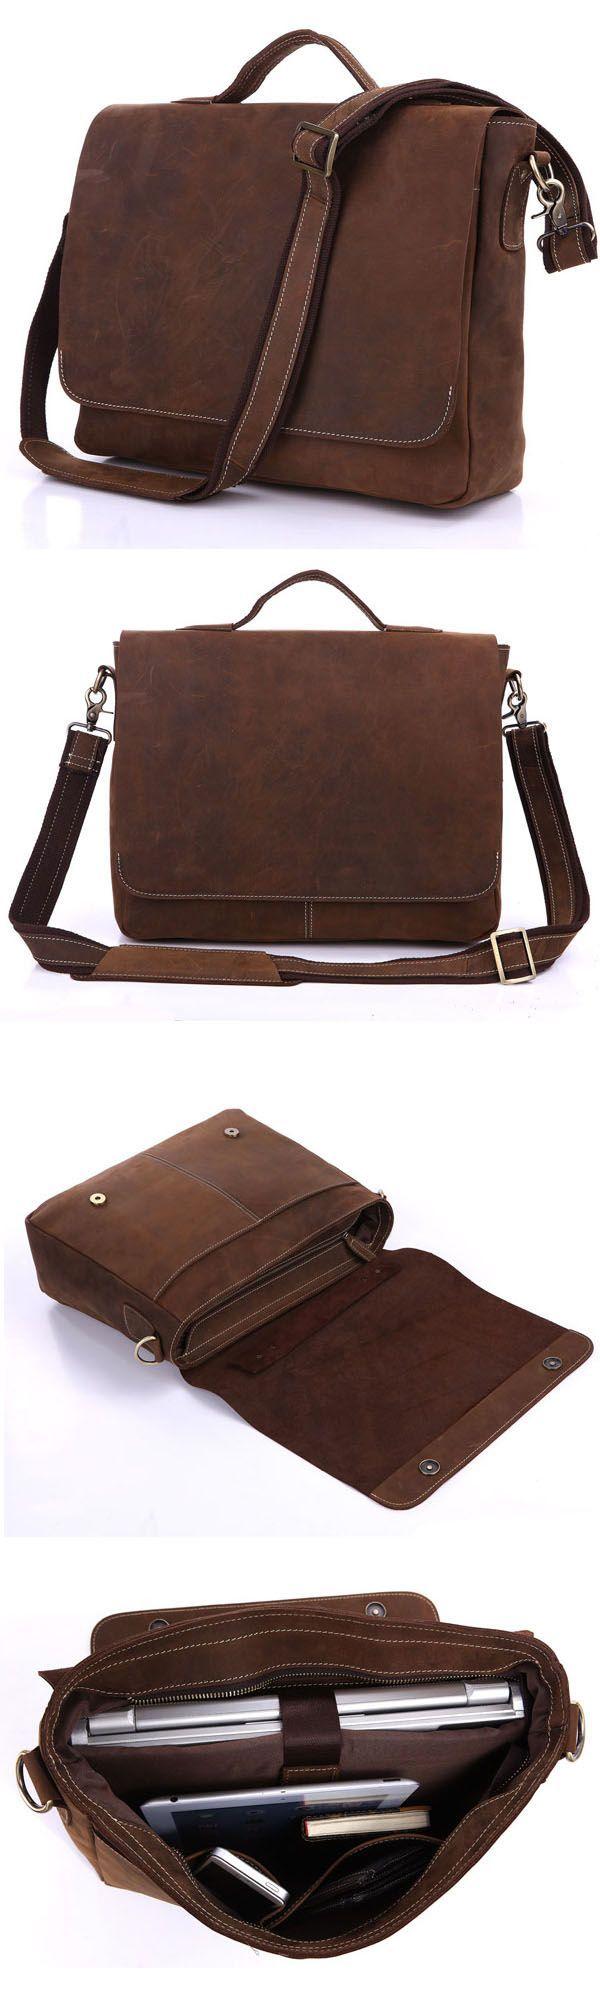 Handmade vintage leather briefcase leather messenger bag 13 15 macbook 13